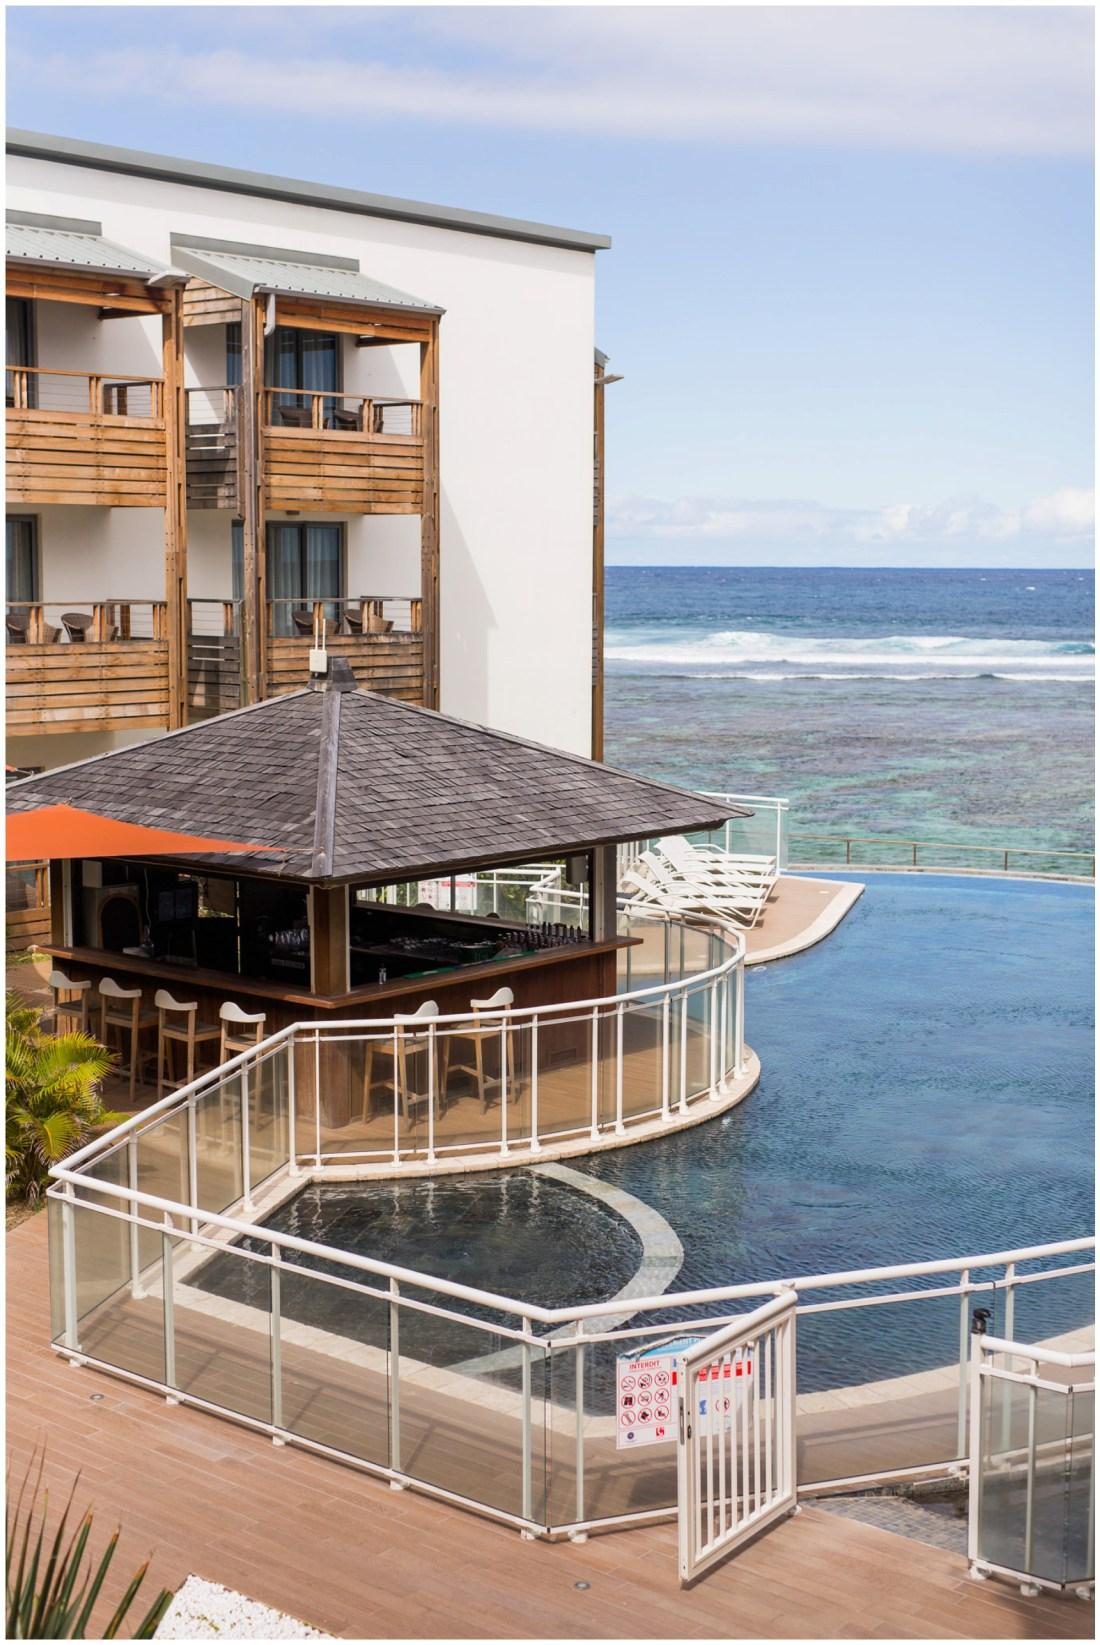 piscine du battant des lames avec vue sur la mer